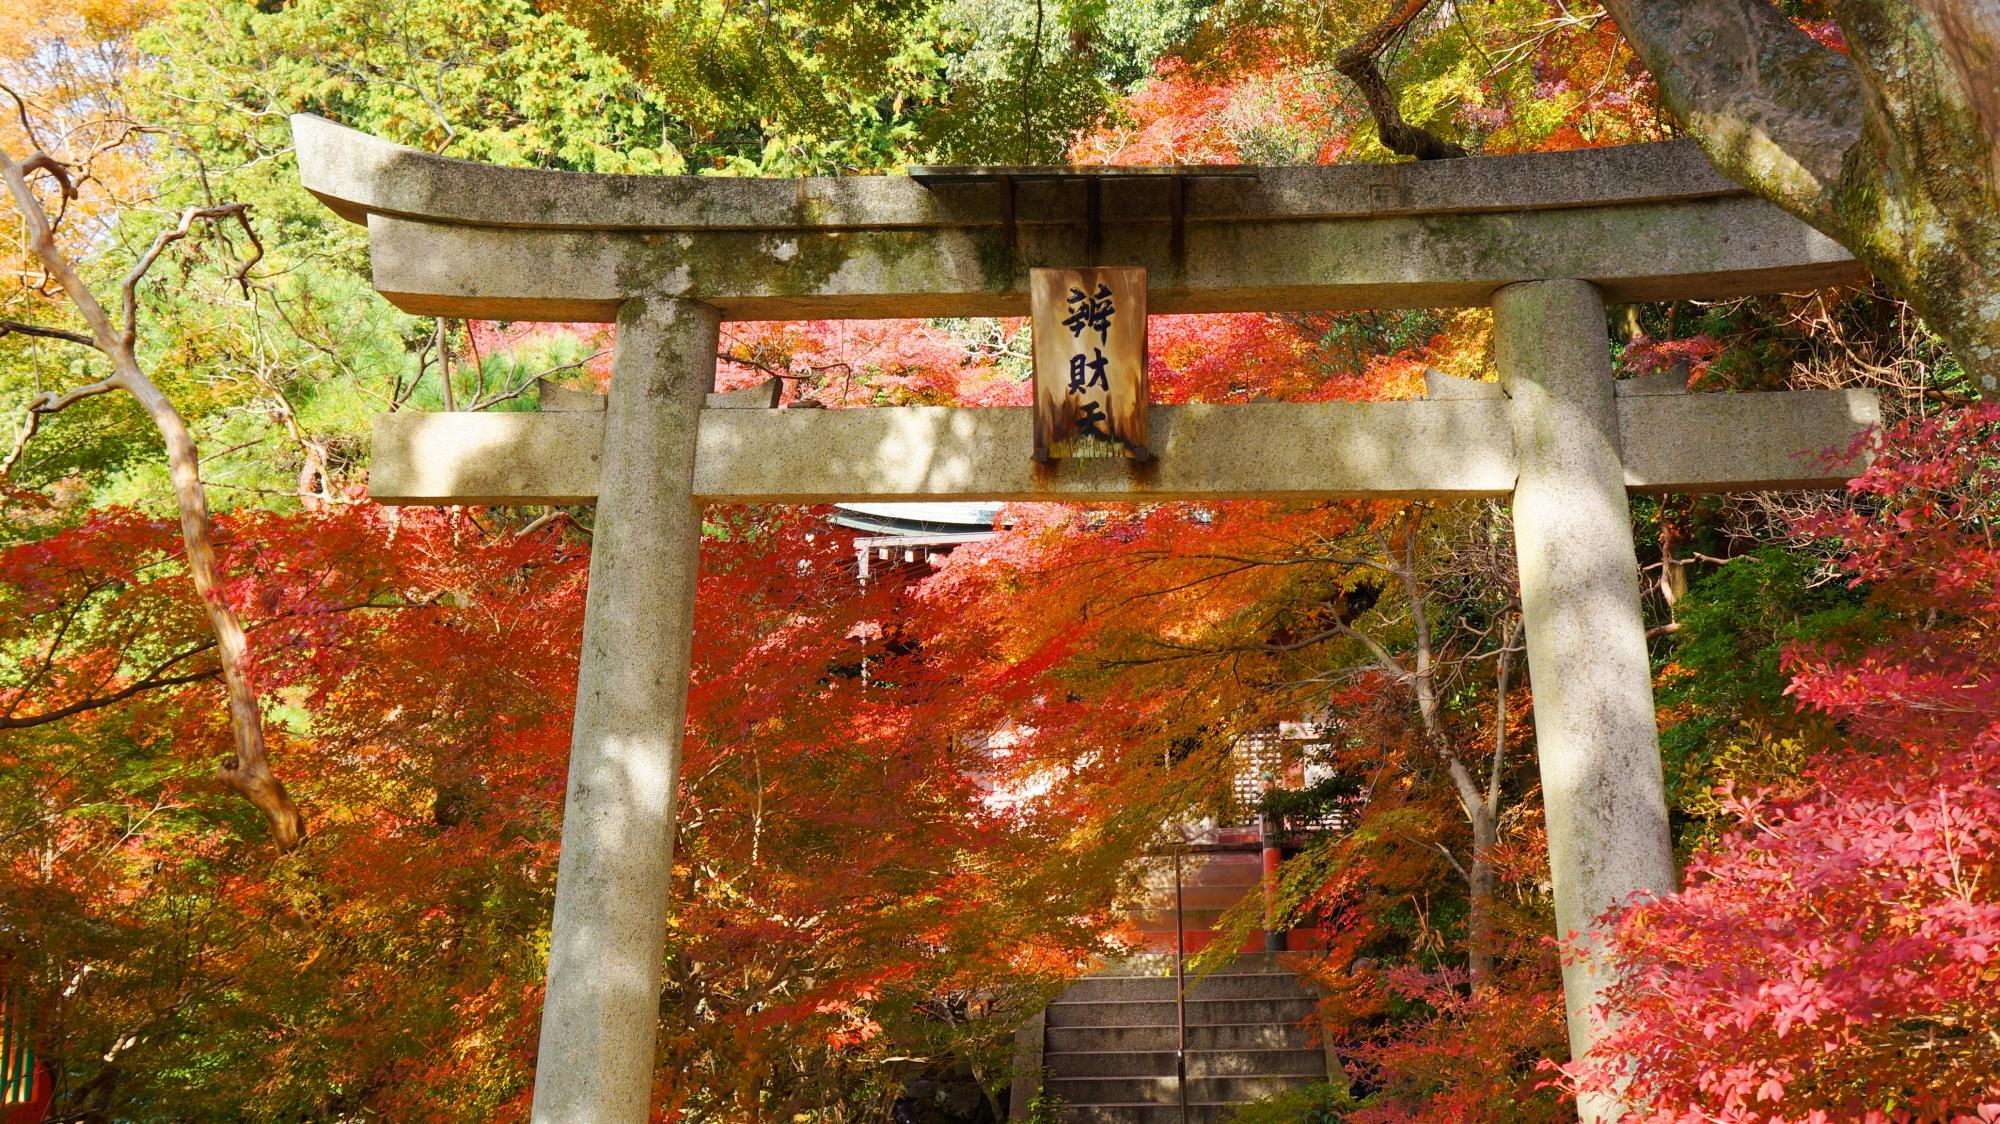 紅葉に染まる鳥居の奥に佇む弁天堂